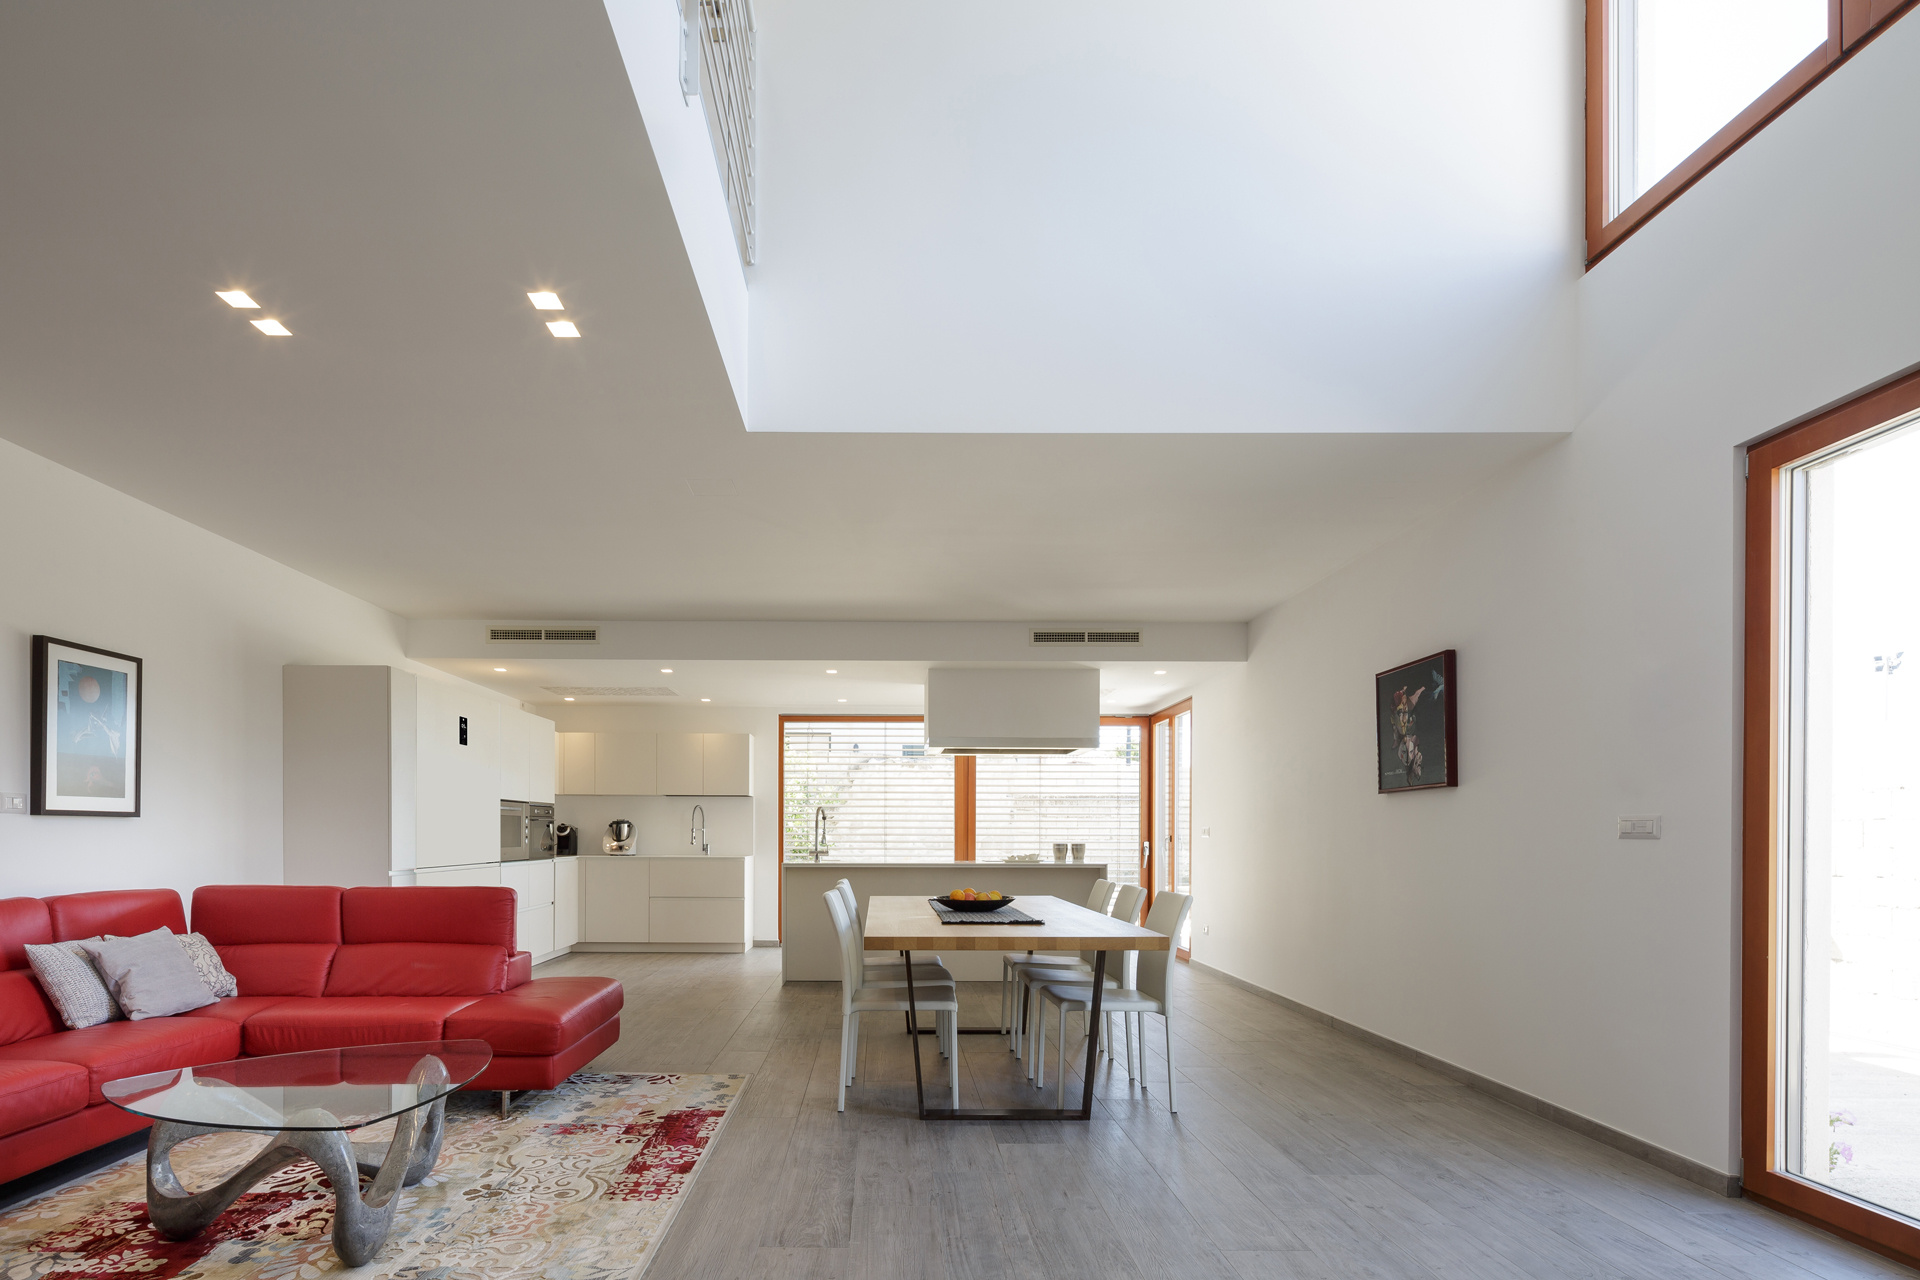 La foto ritrae l'interno del living di un edificio residenziale a Serrenti.